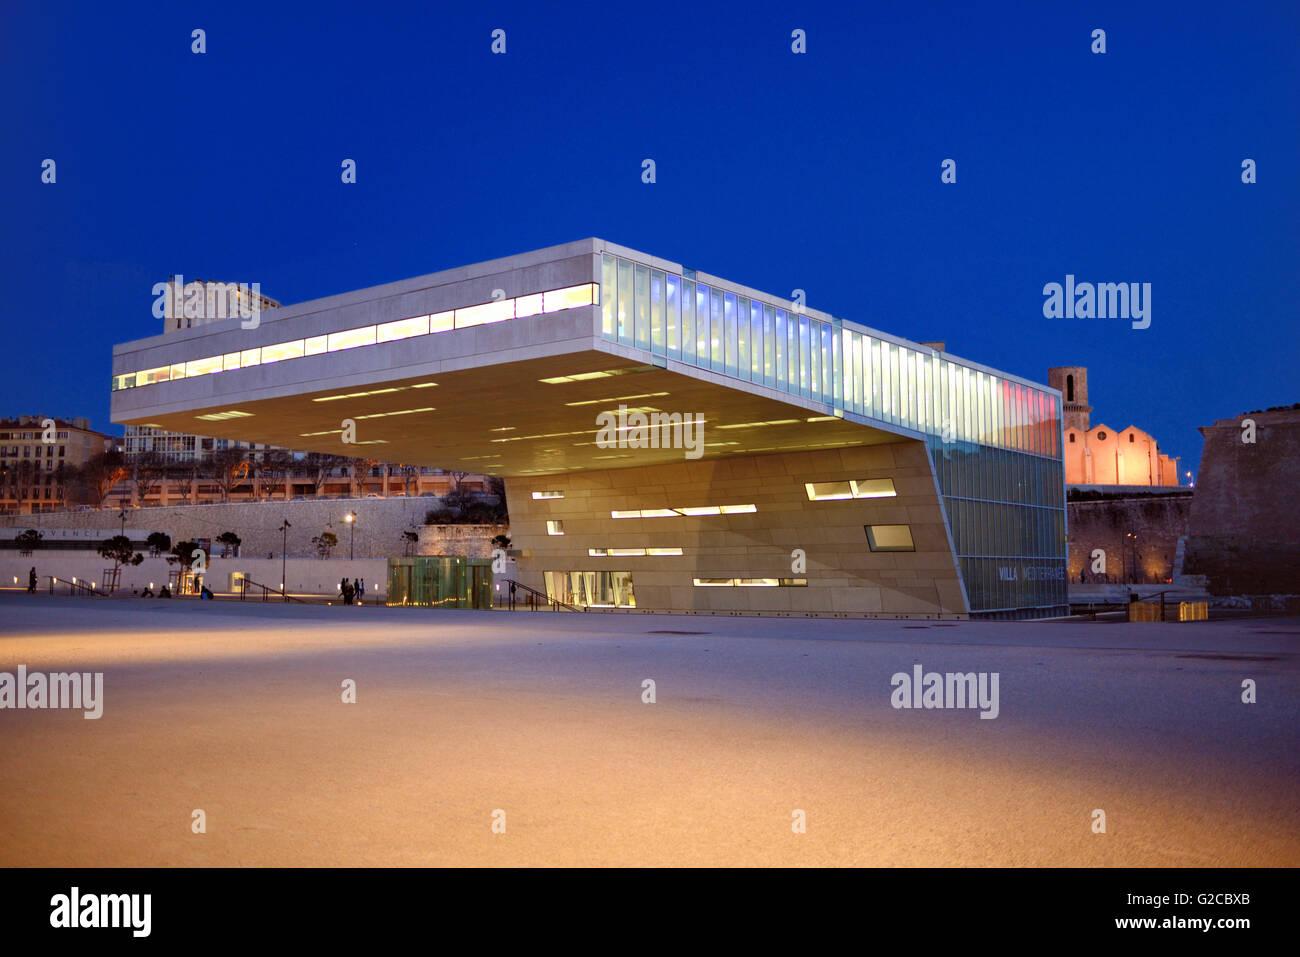 Architettura modernista della Villa Mediterranée Centro Congressi progettato da Stefano Boeri (2013) al crepuscolo Immagini Stock